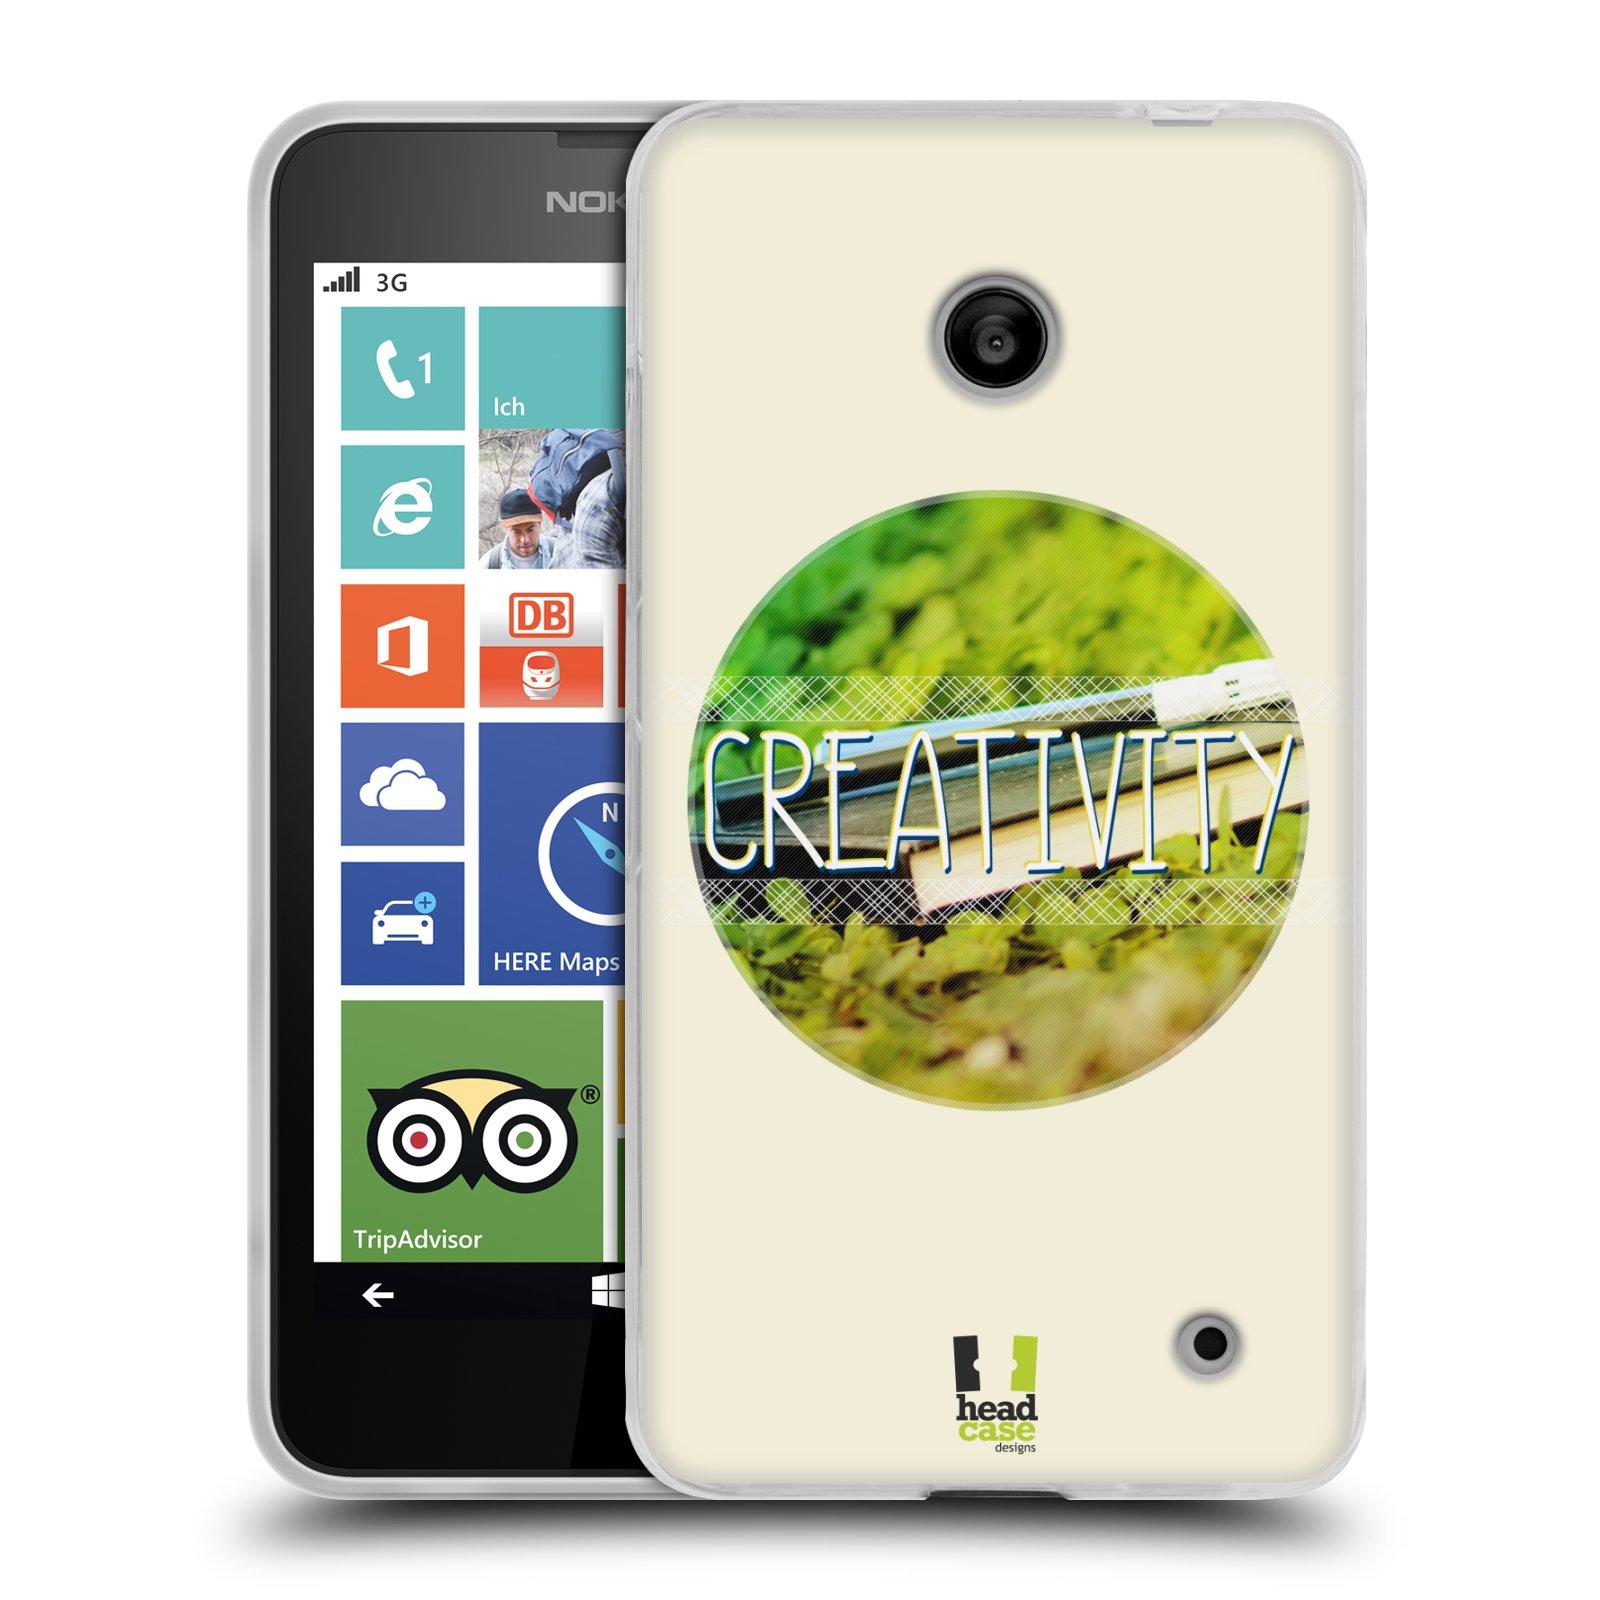 Silikonové pouzdro na mobil Nokia Lumia 635 HEAD CASE INSPIRACE V KRUHU KREATIVITA (Silikonový kryt či obal na mobilní telefon Nokia Lumia 635 Dual SIM)